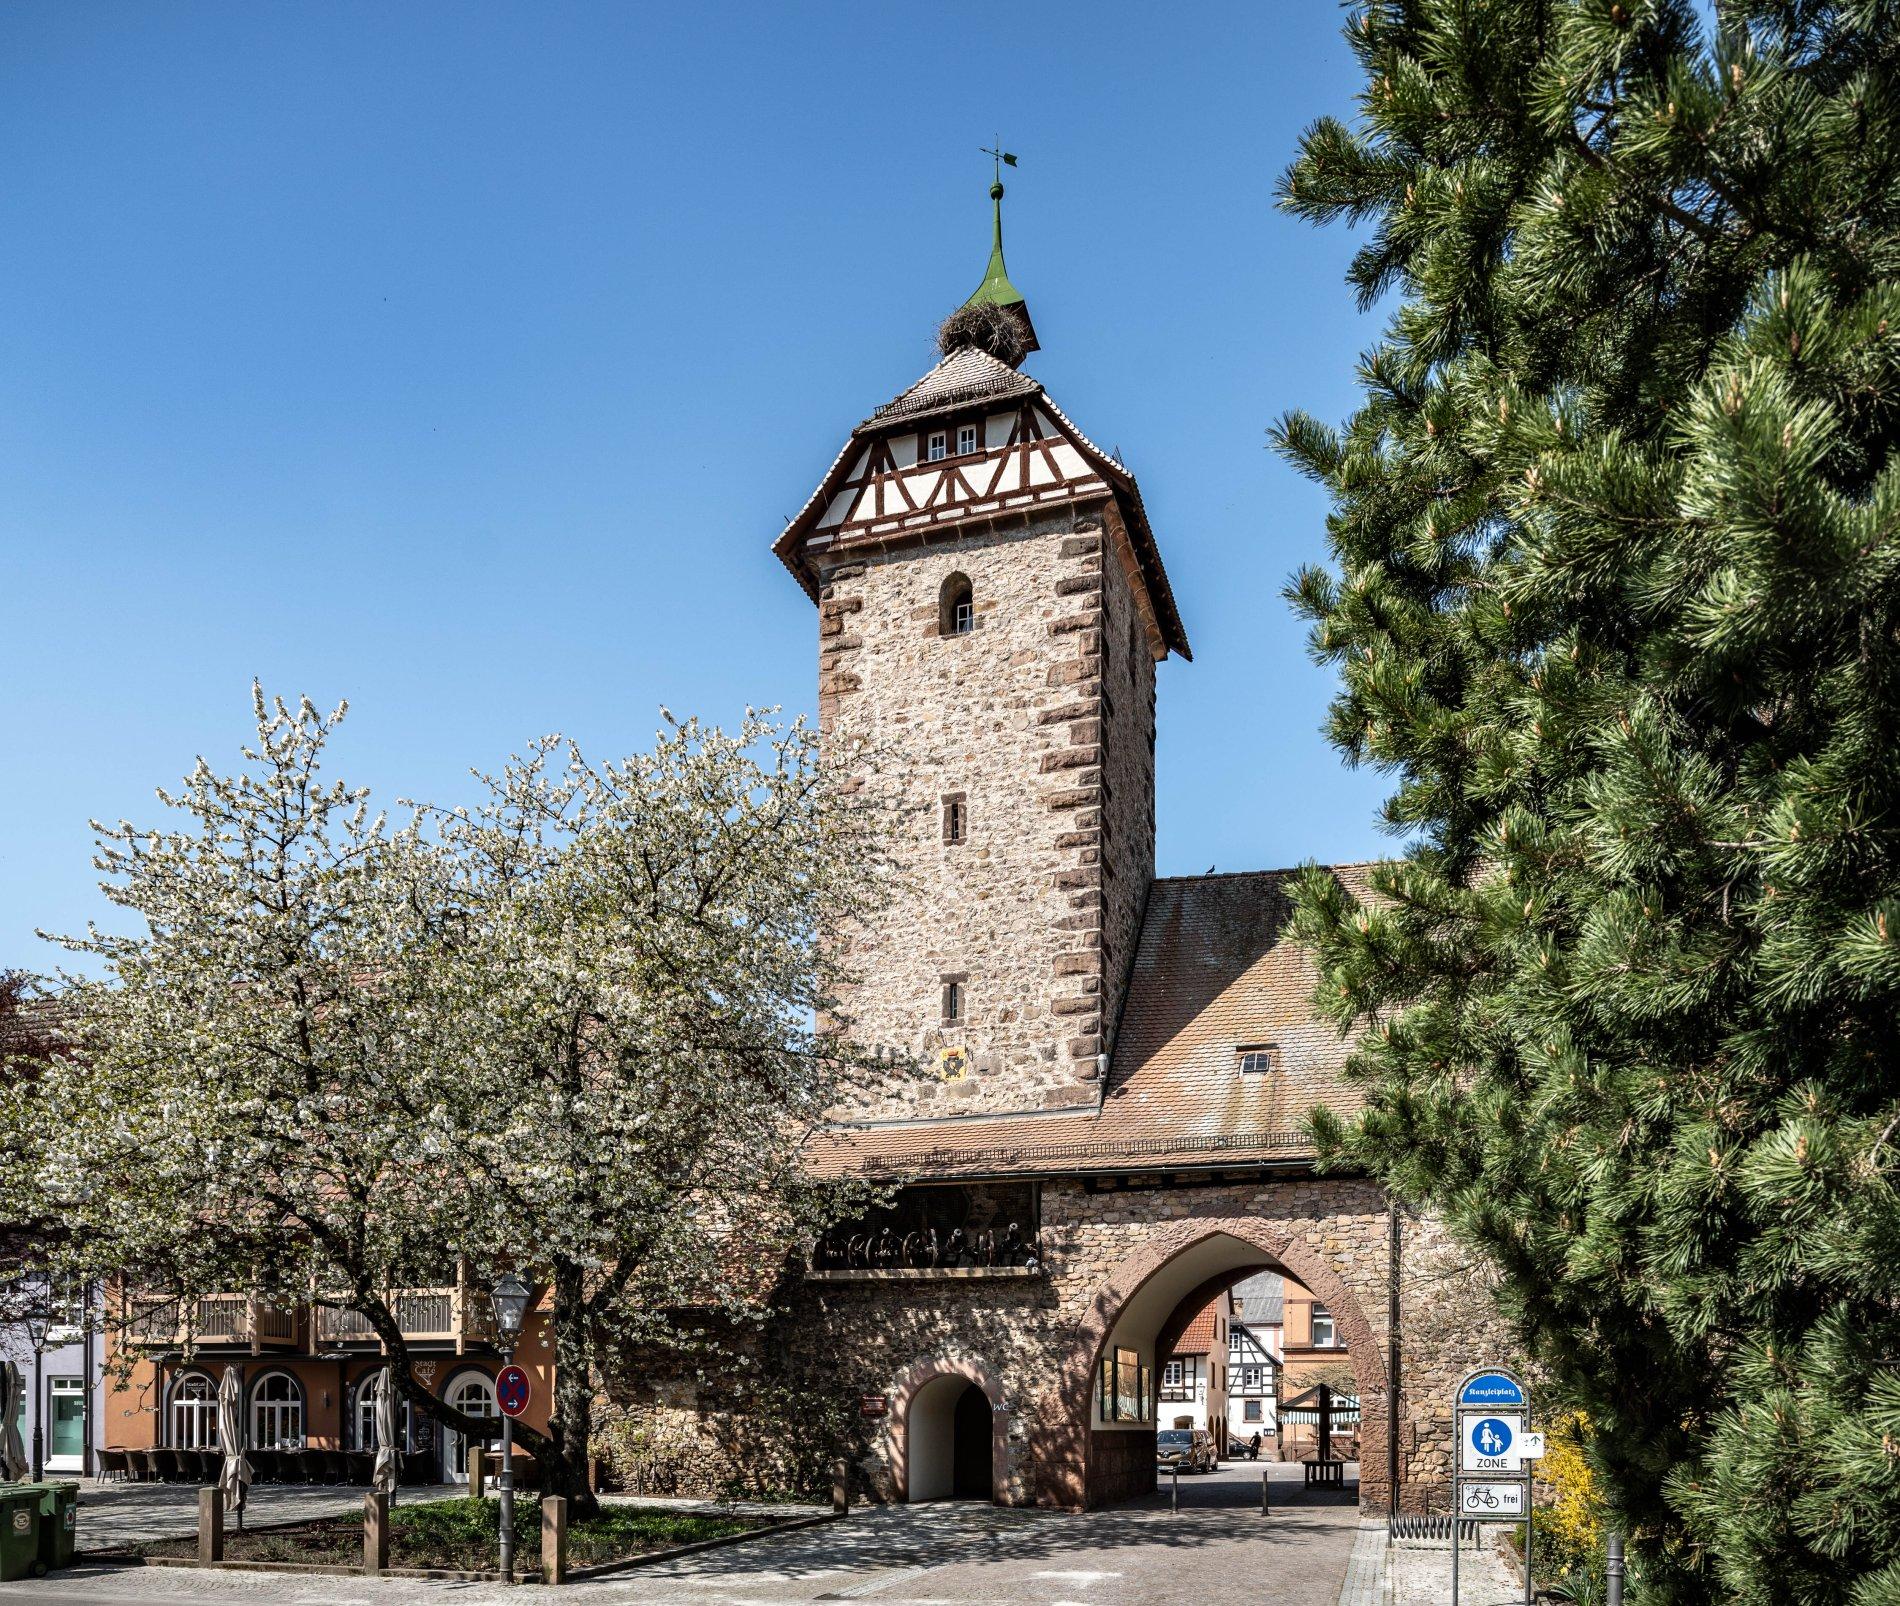 Storchenturm-Museum / Urheber: © Klaus Hohnwald